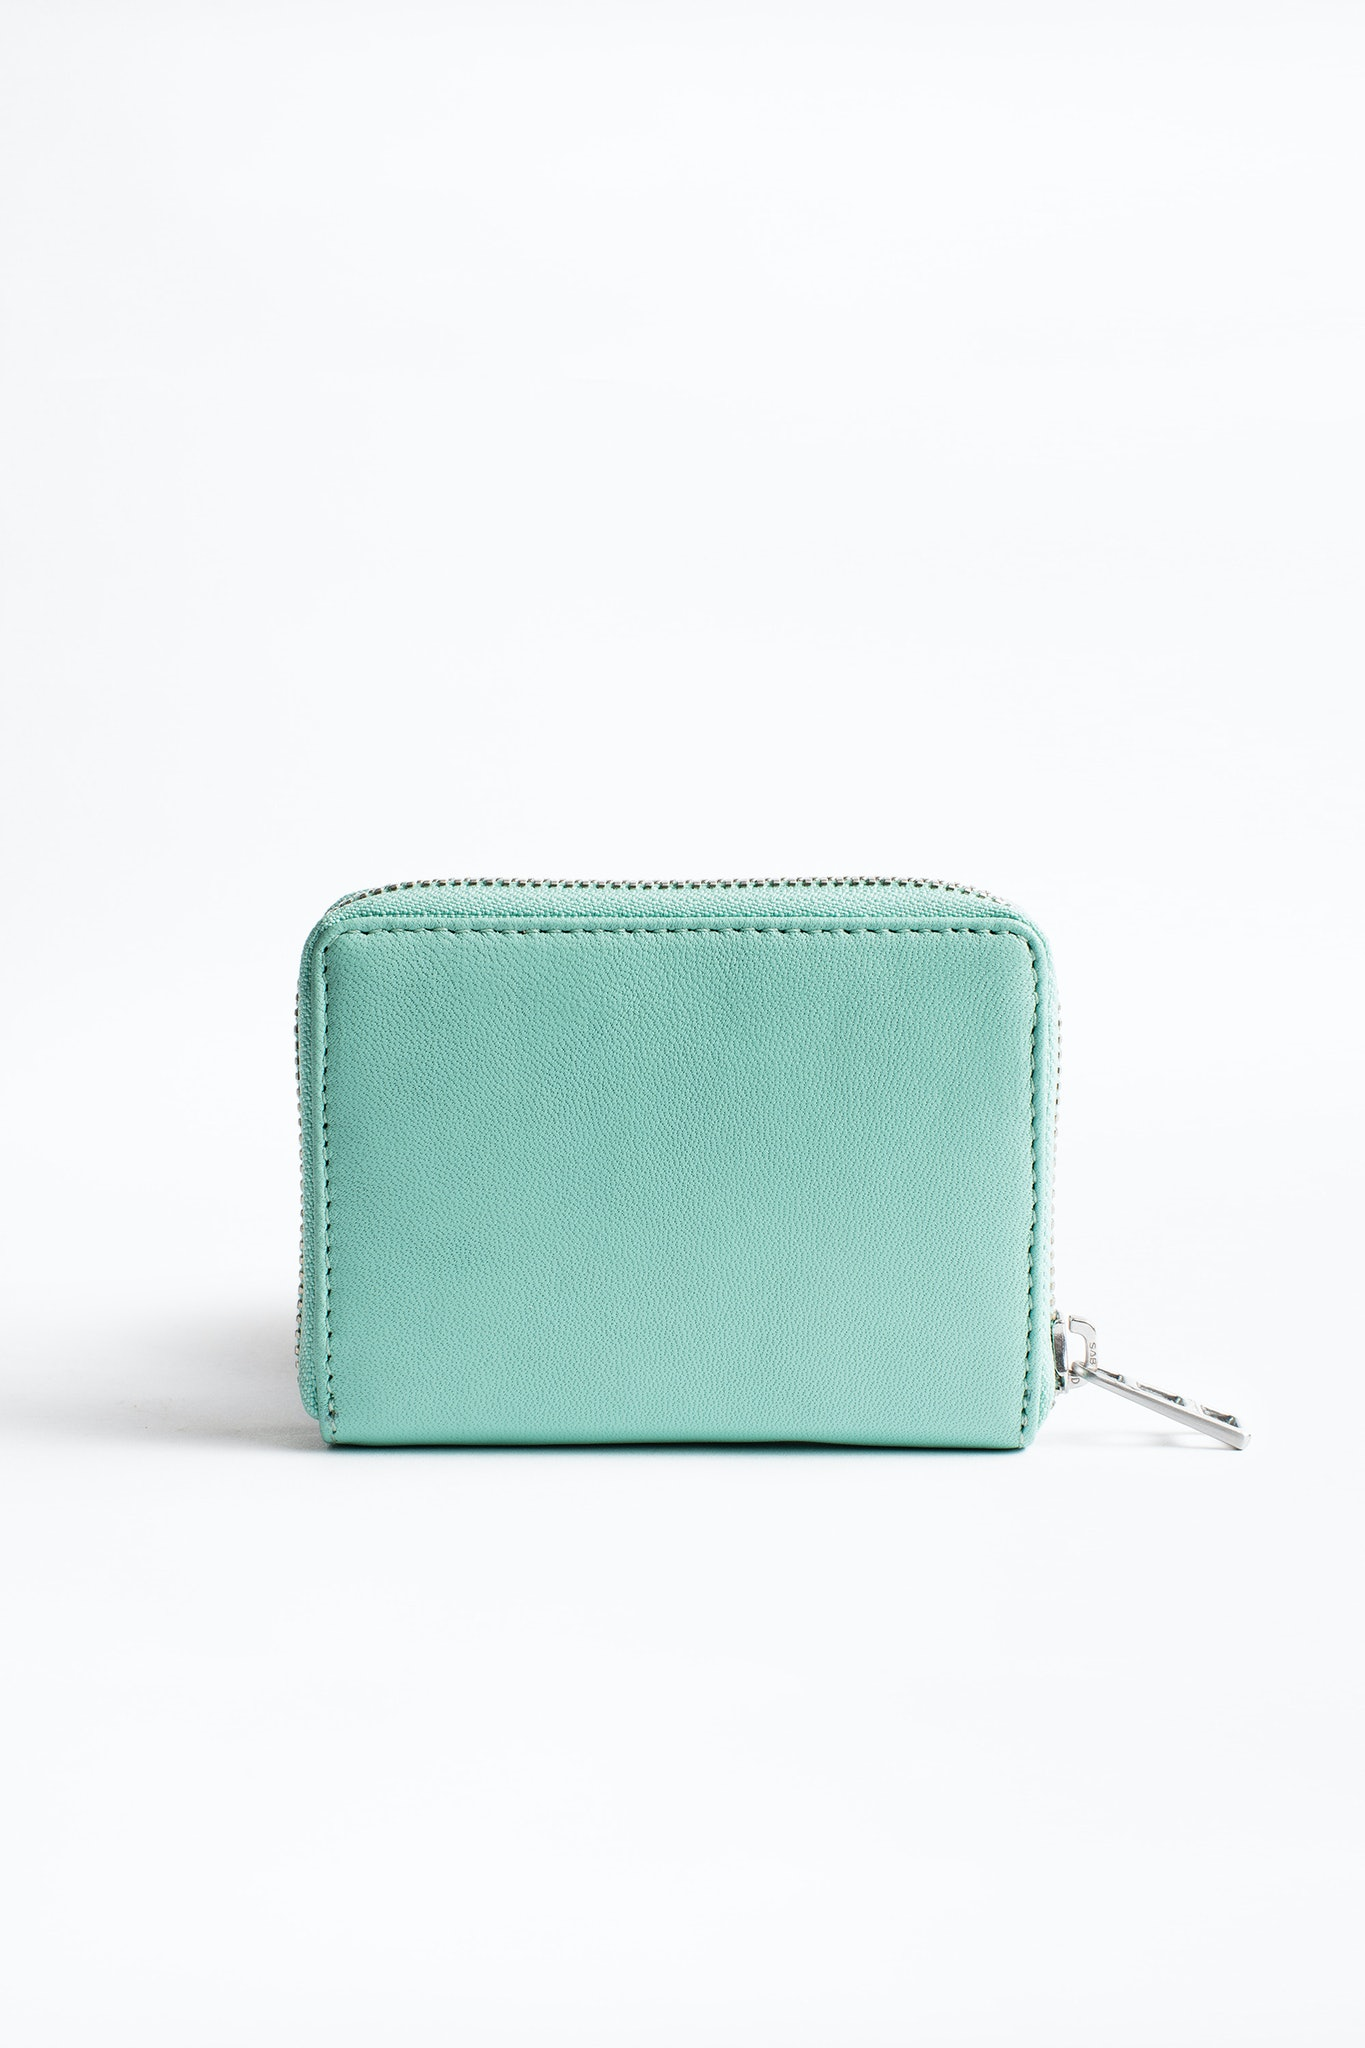 Mini ZV Star coin purse